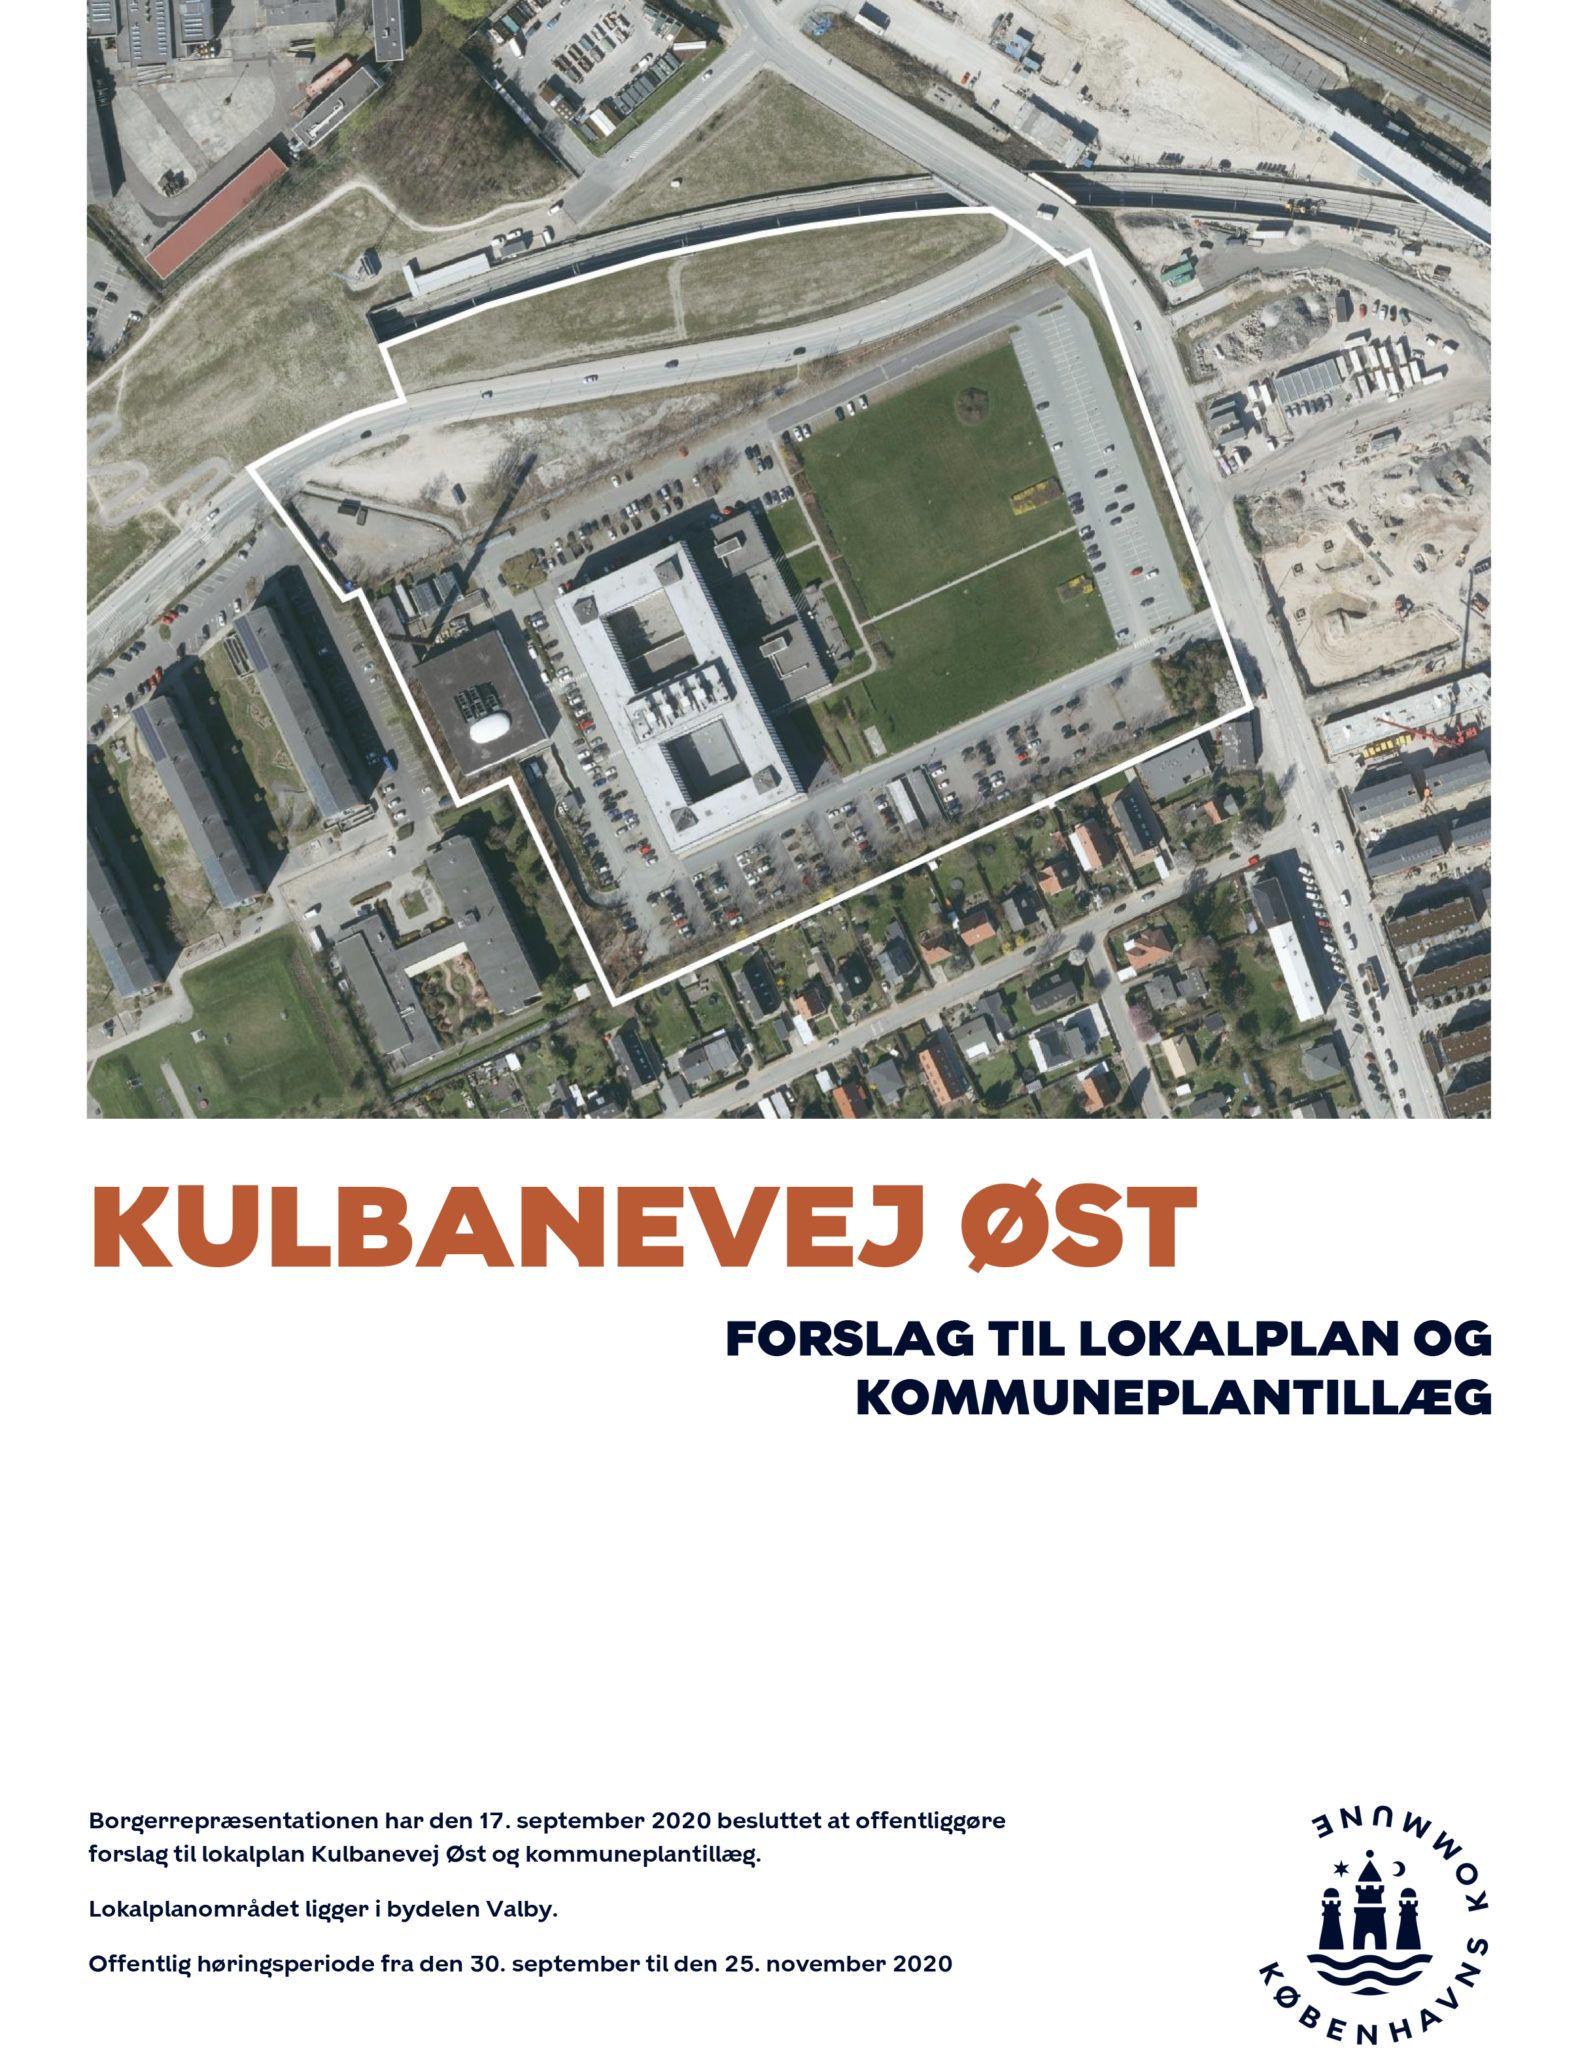 Kulbanevej Øst - lokalplanforslag-1 forside